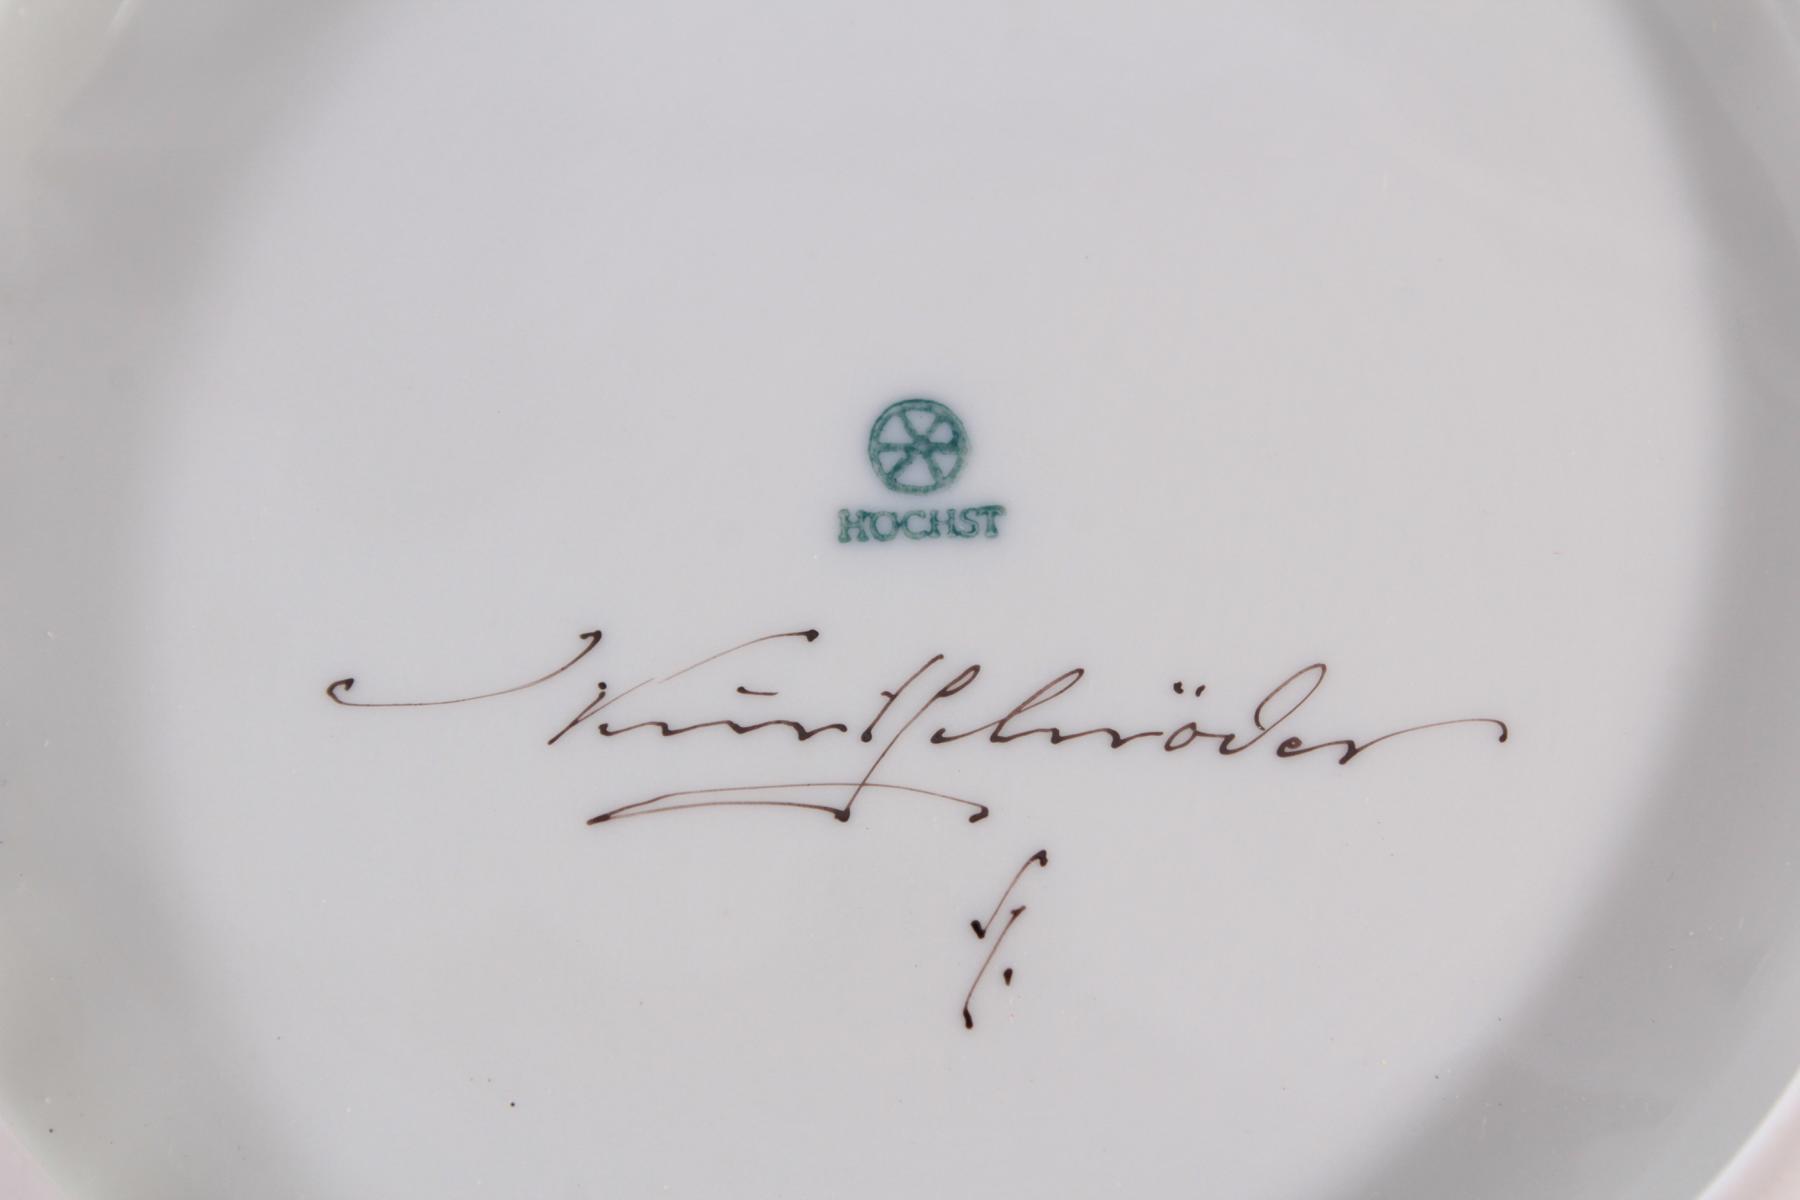 Runde Anbietschale Hoechst, signiert Kurt Schröder-3